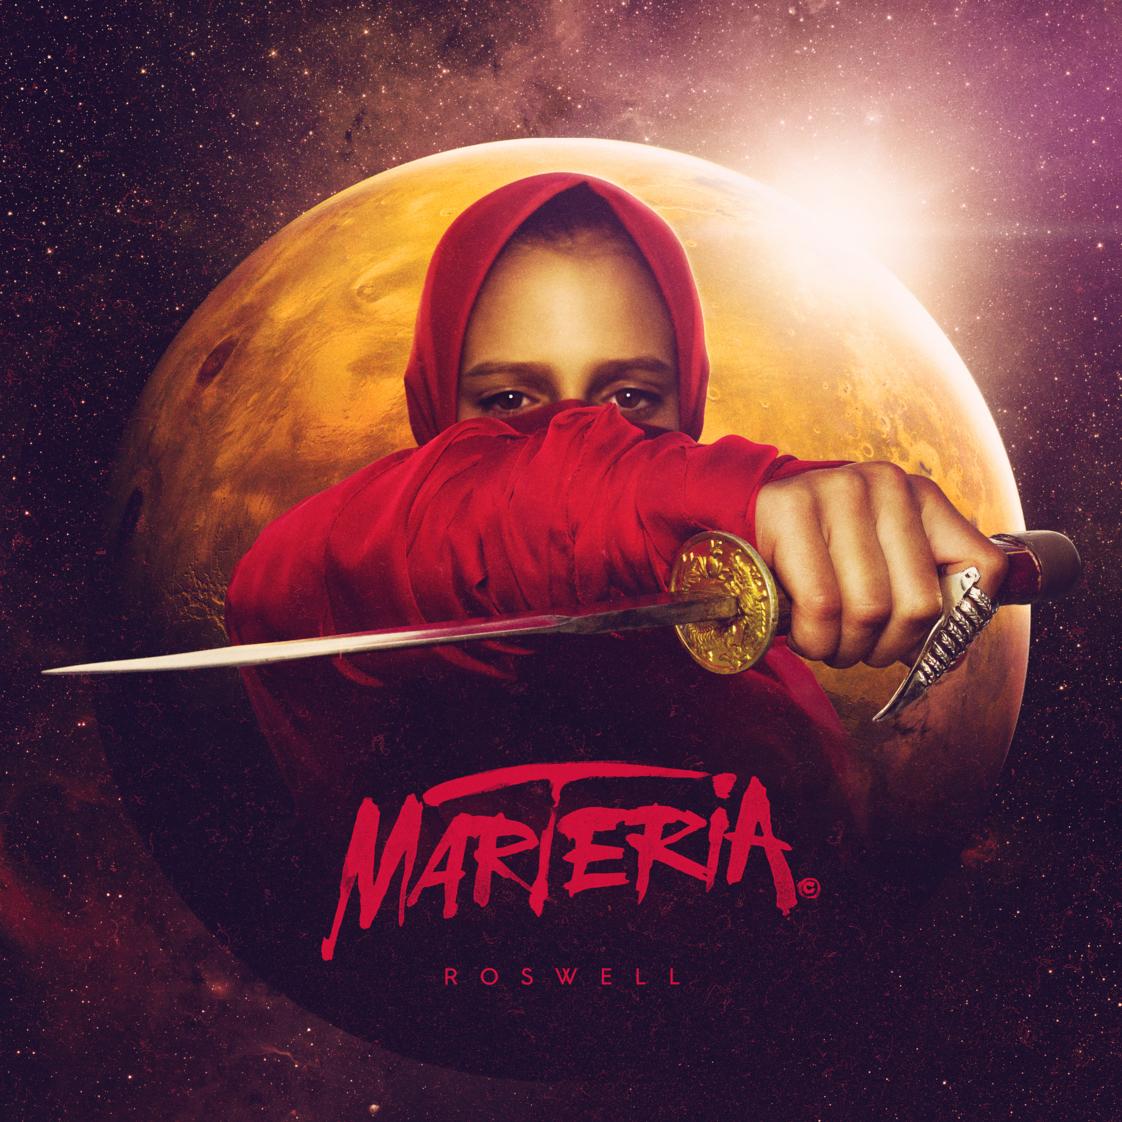 """Pre-Order für Marterias neues Album """"Roswell"""" startet heute"""